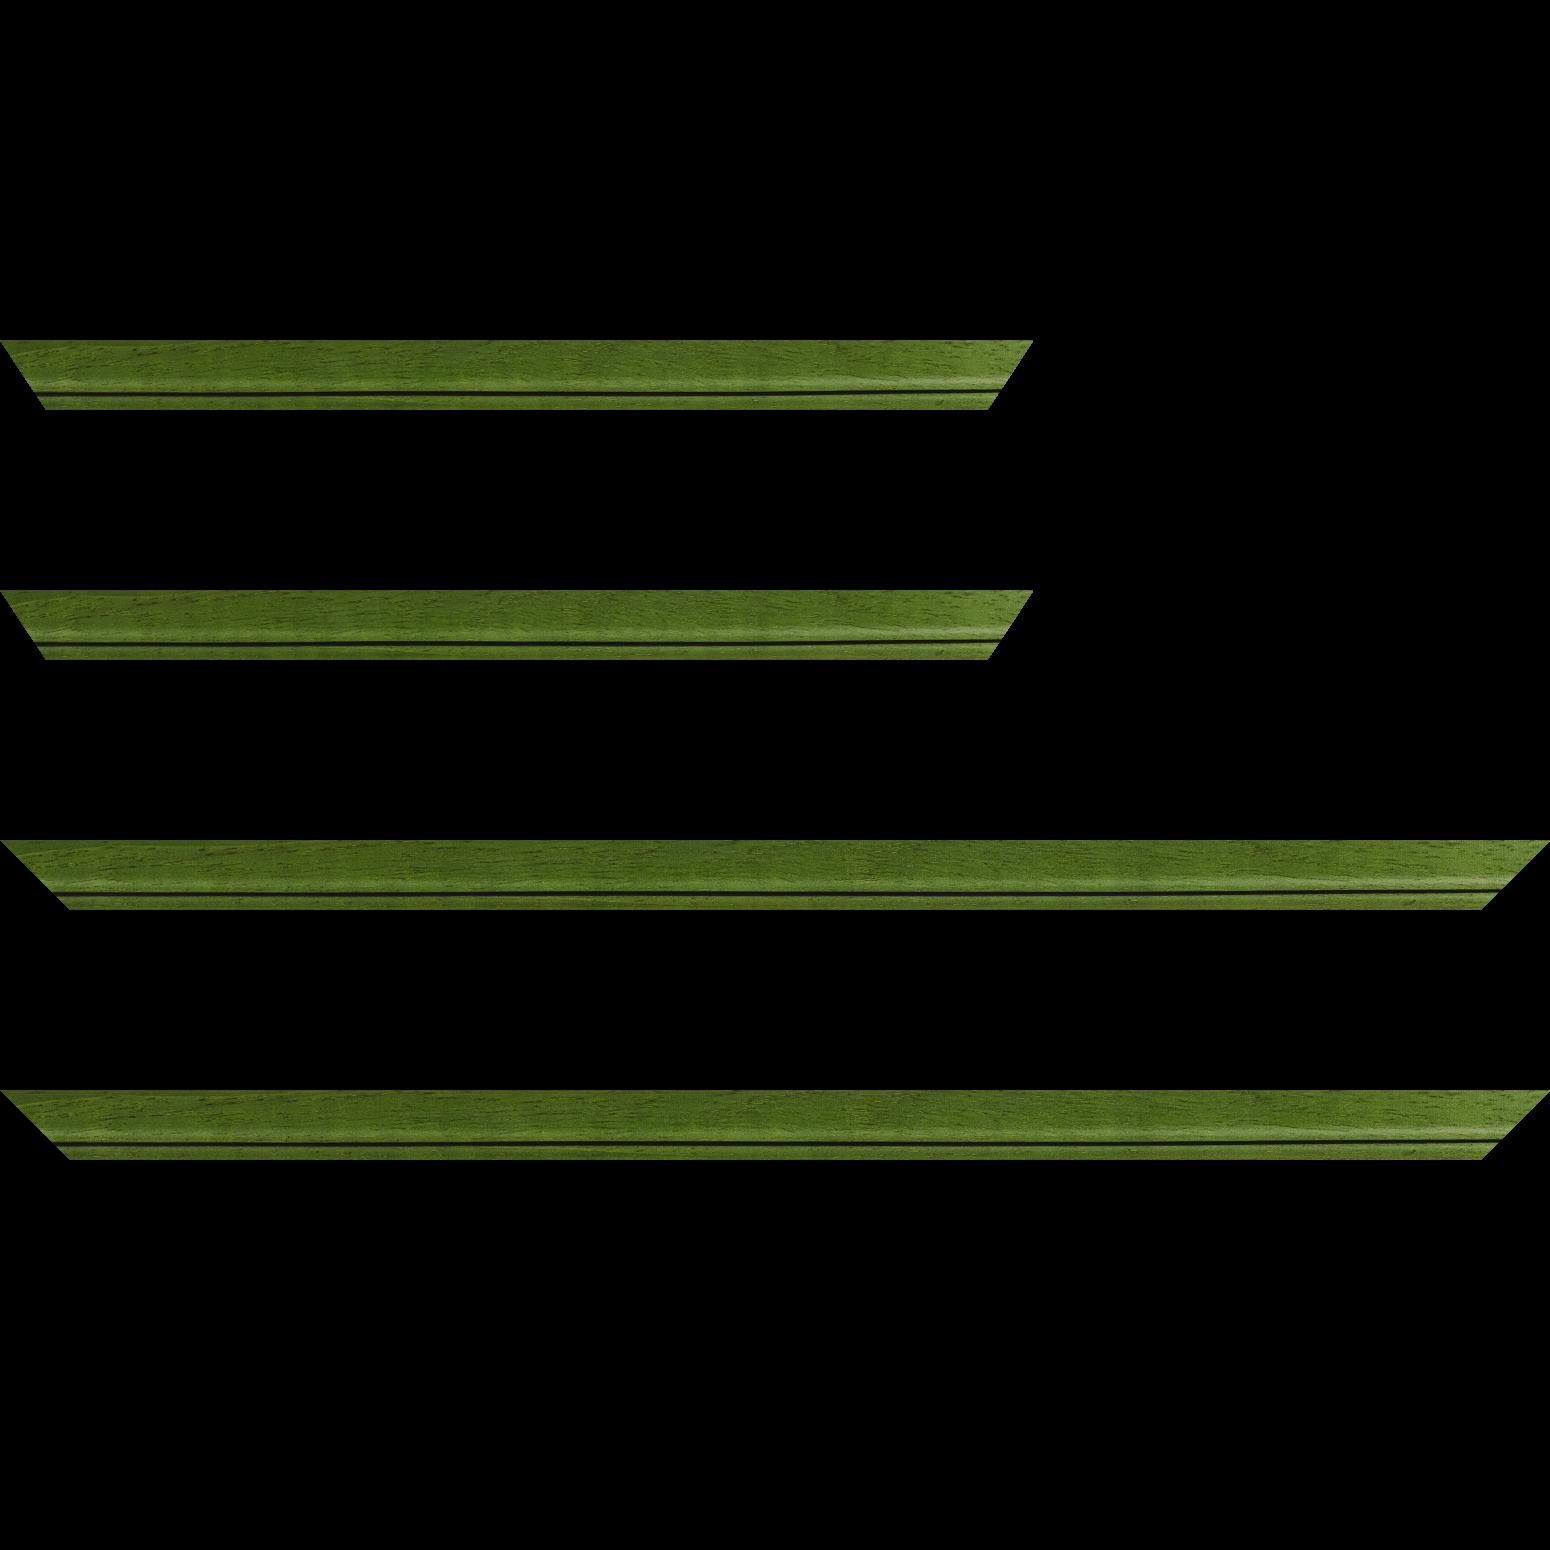 Baguette service précoupé bois profil bombé largeur 2.4cm couleur vert sapin satiné filet noir